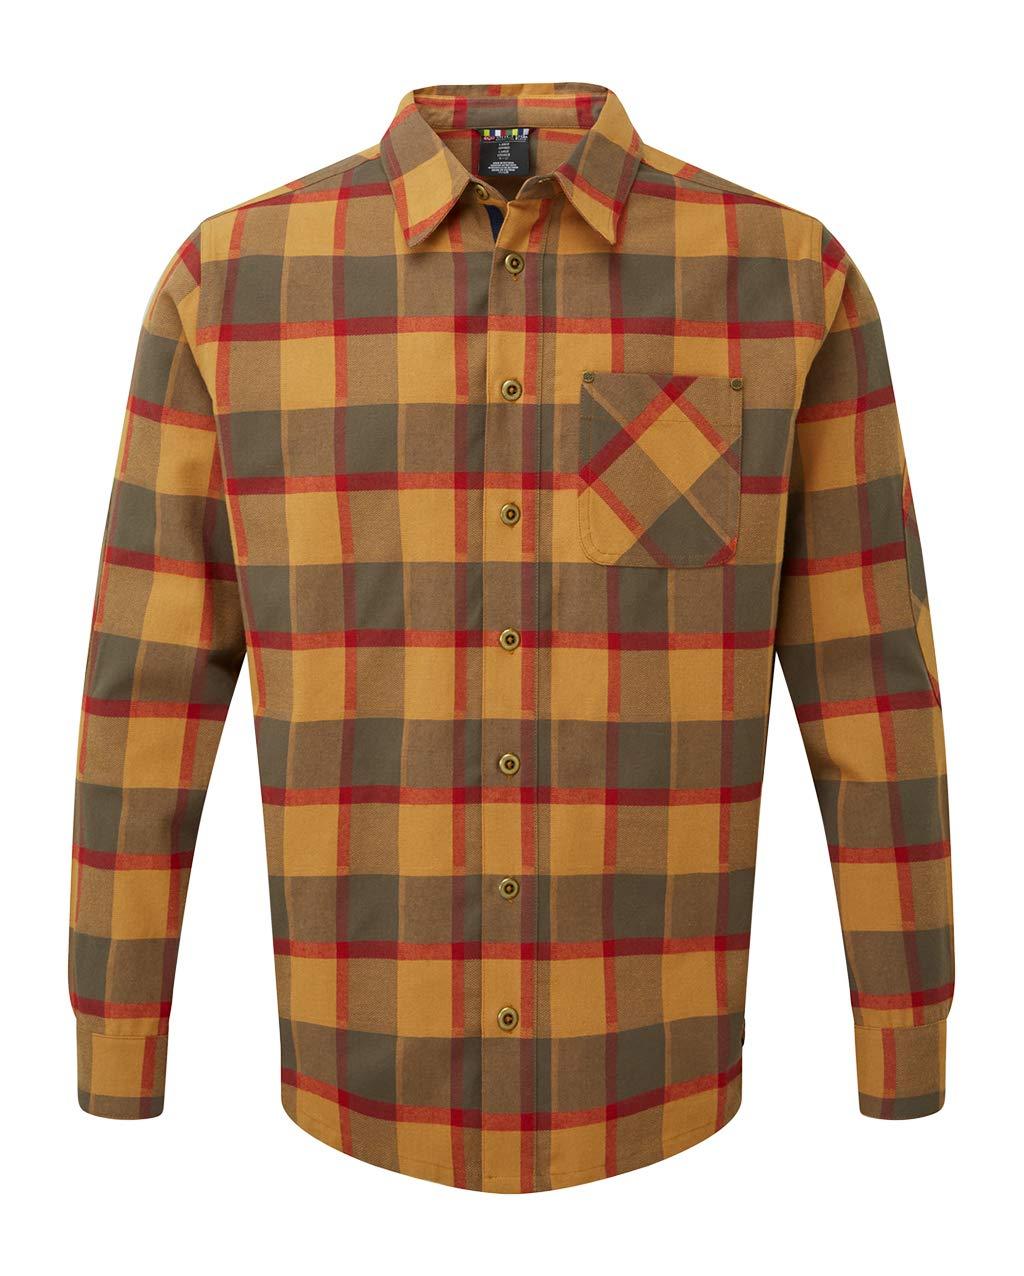 Sherpa Sardar Shirt 116 - L